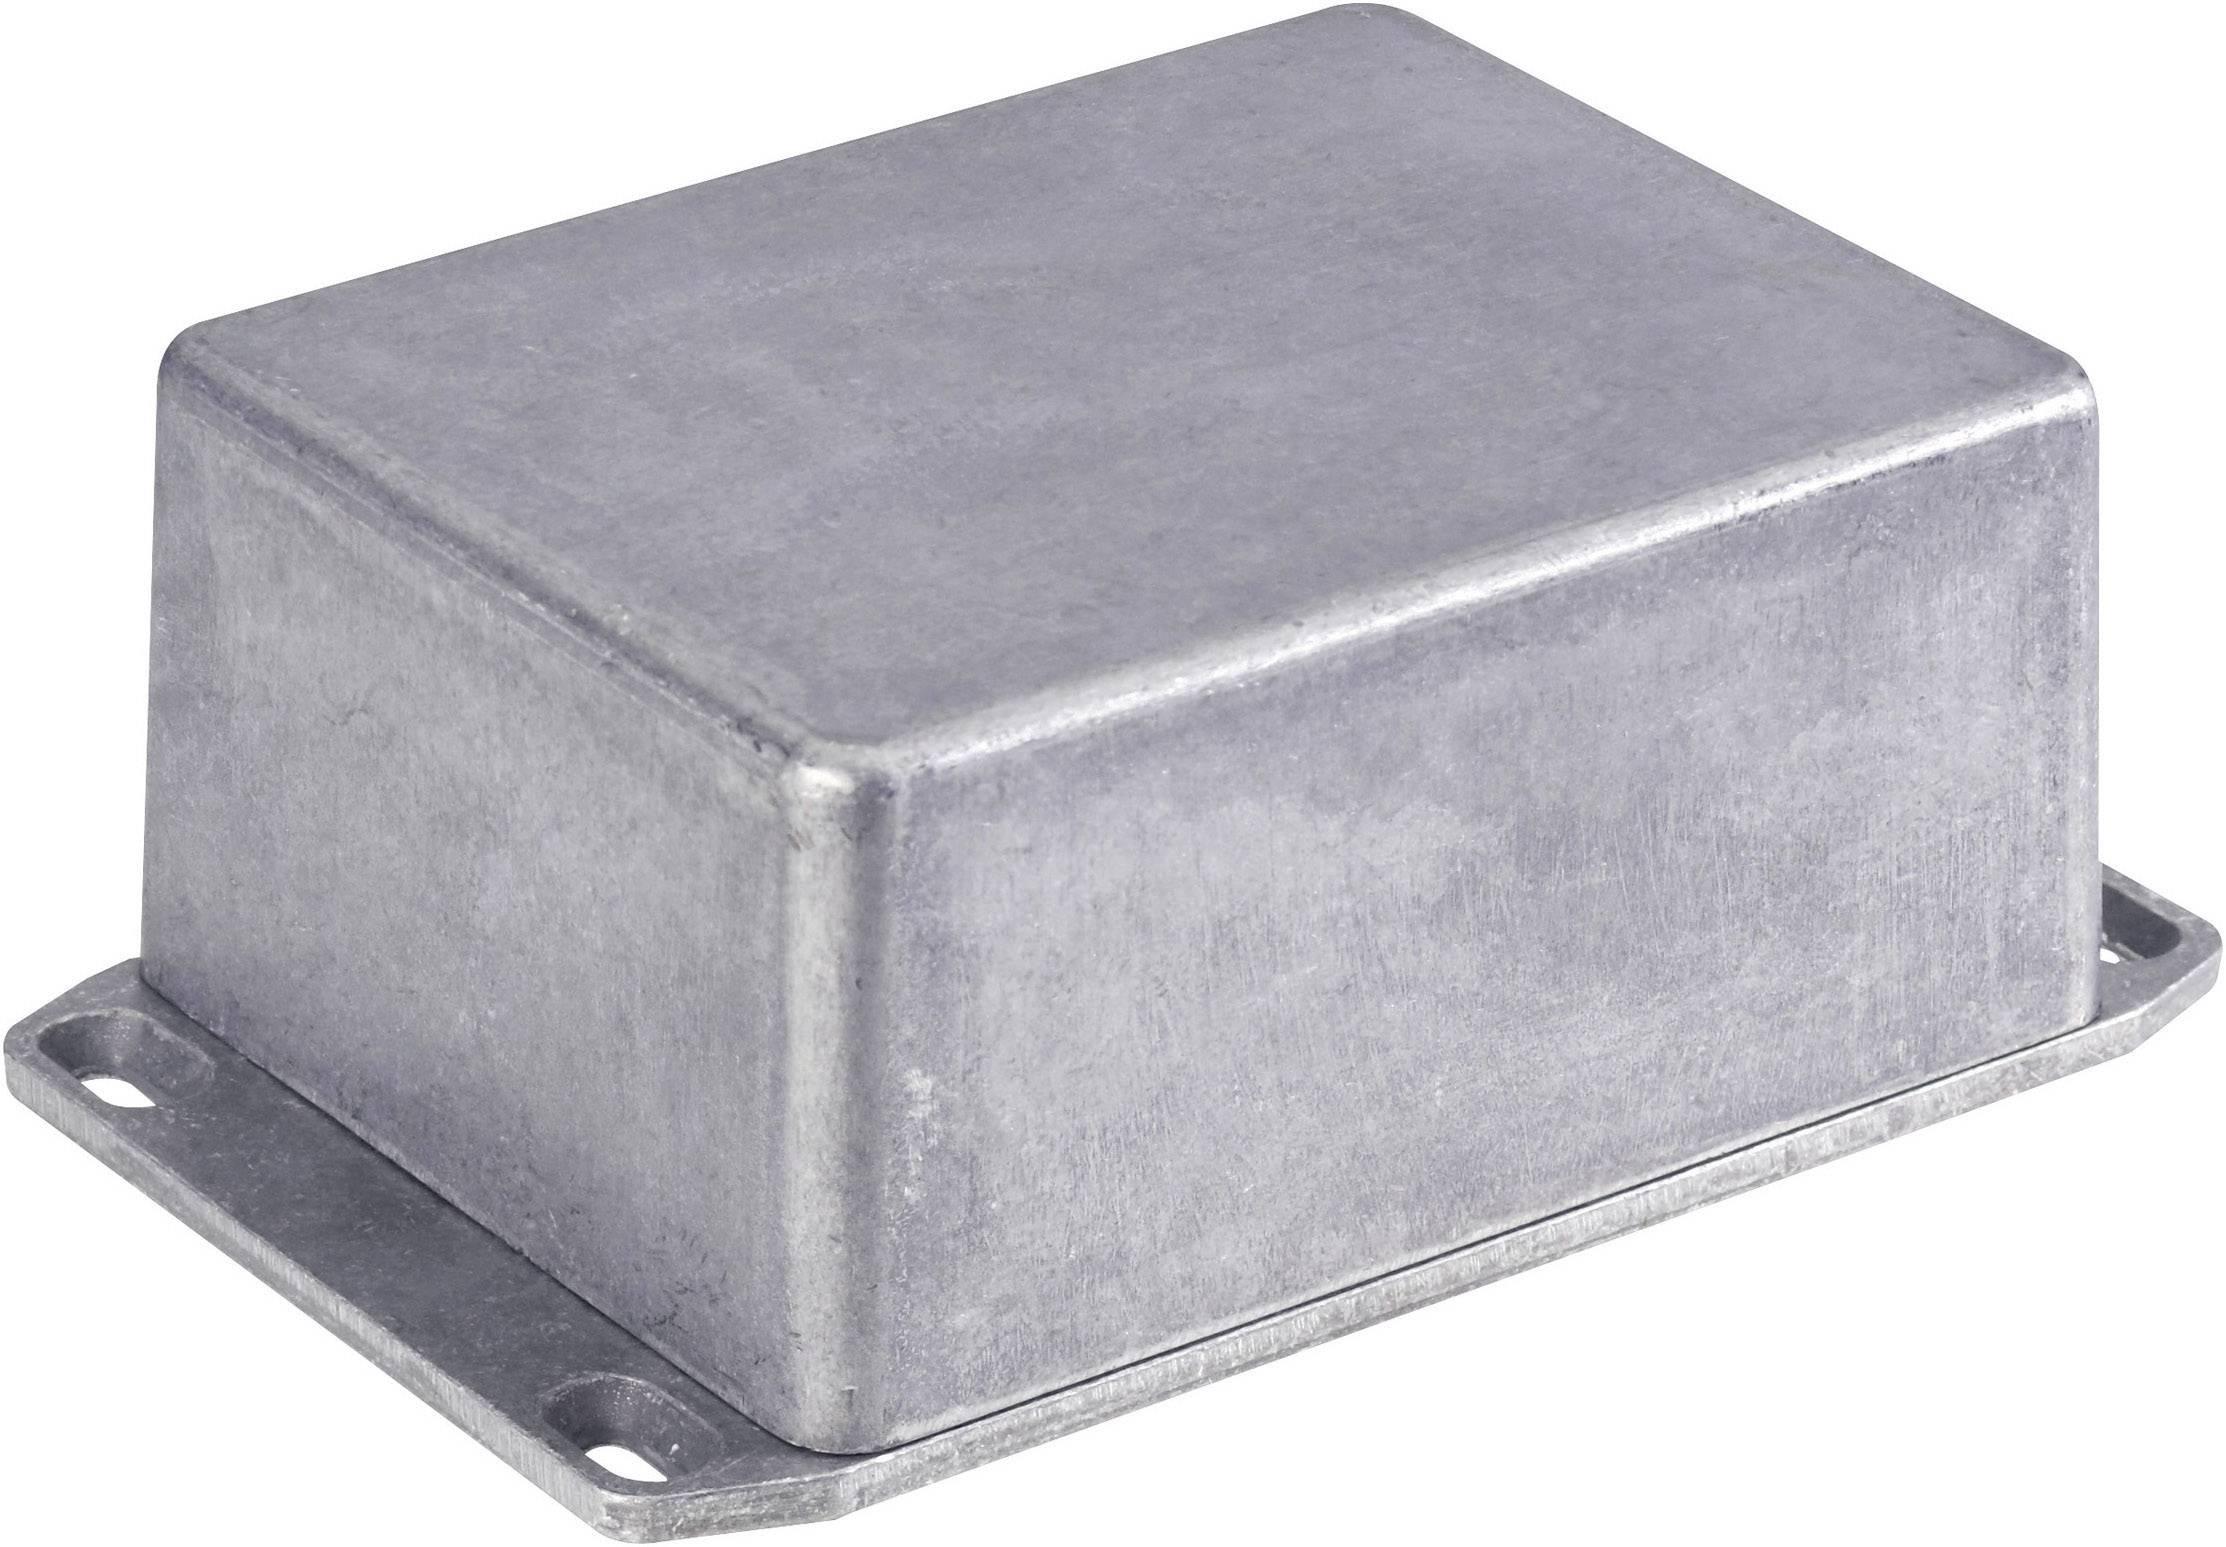 Univerzální pouzdro hliník Hammond Electronics 1590WBFL 112 x 60 x 31 1 ks